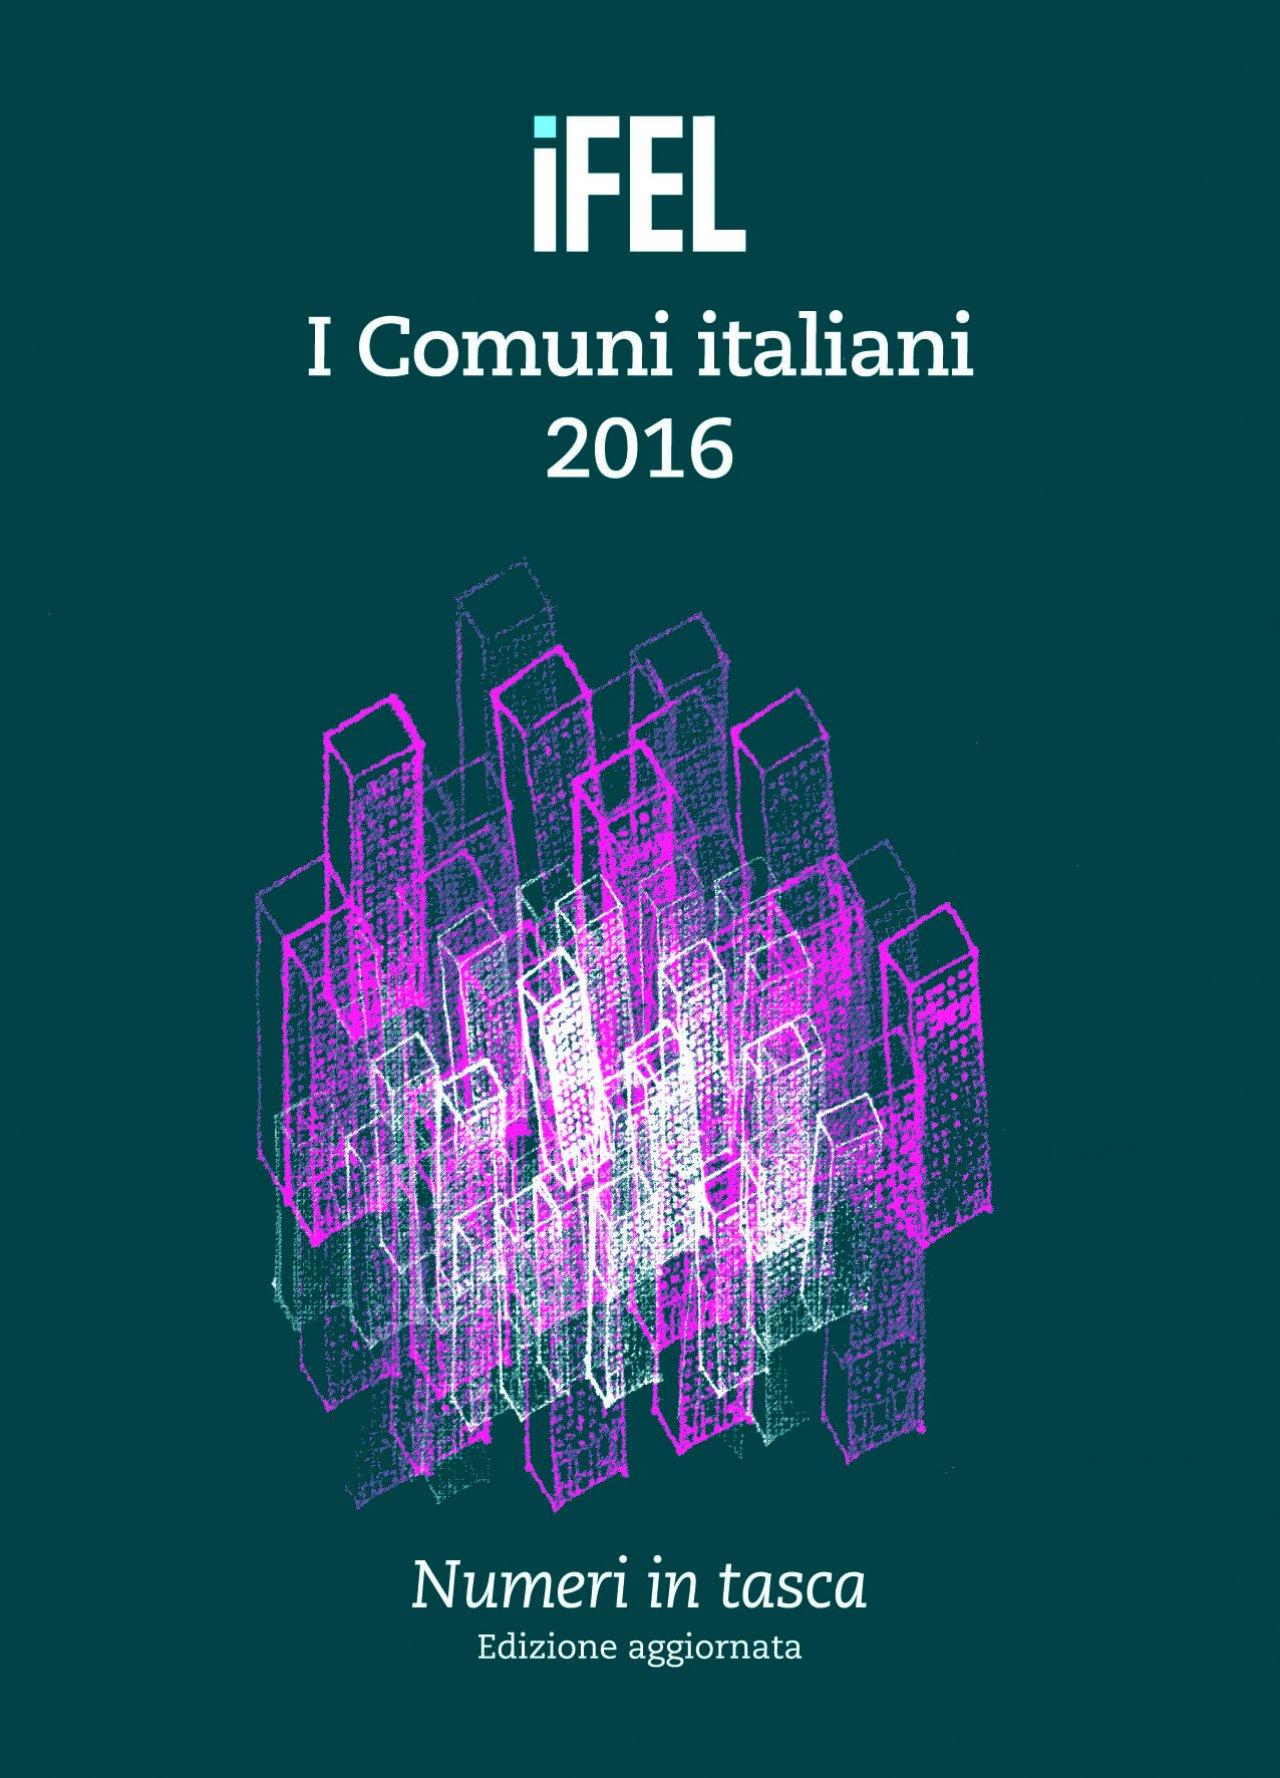 I Comuni italiani 2016 - Numeri in tasca. Edizione aggiornata